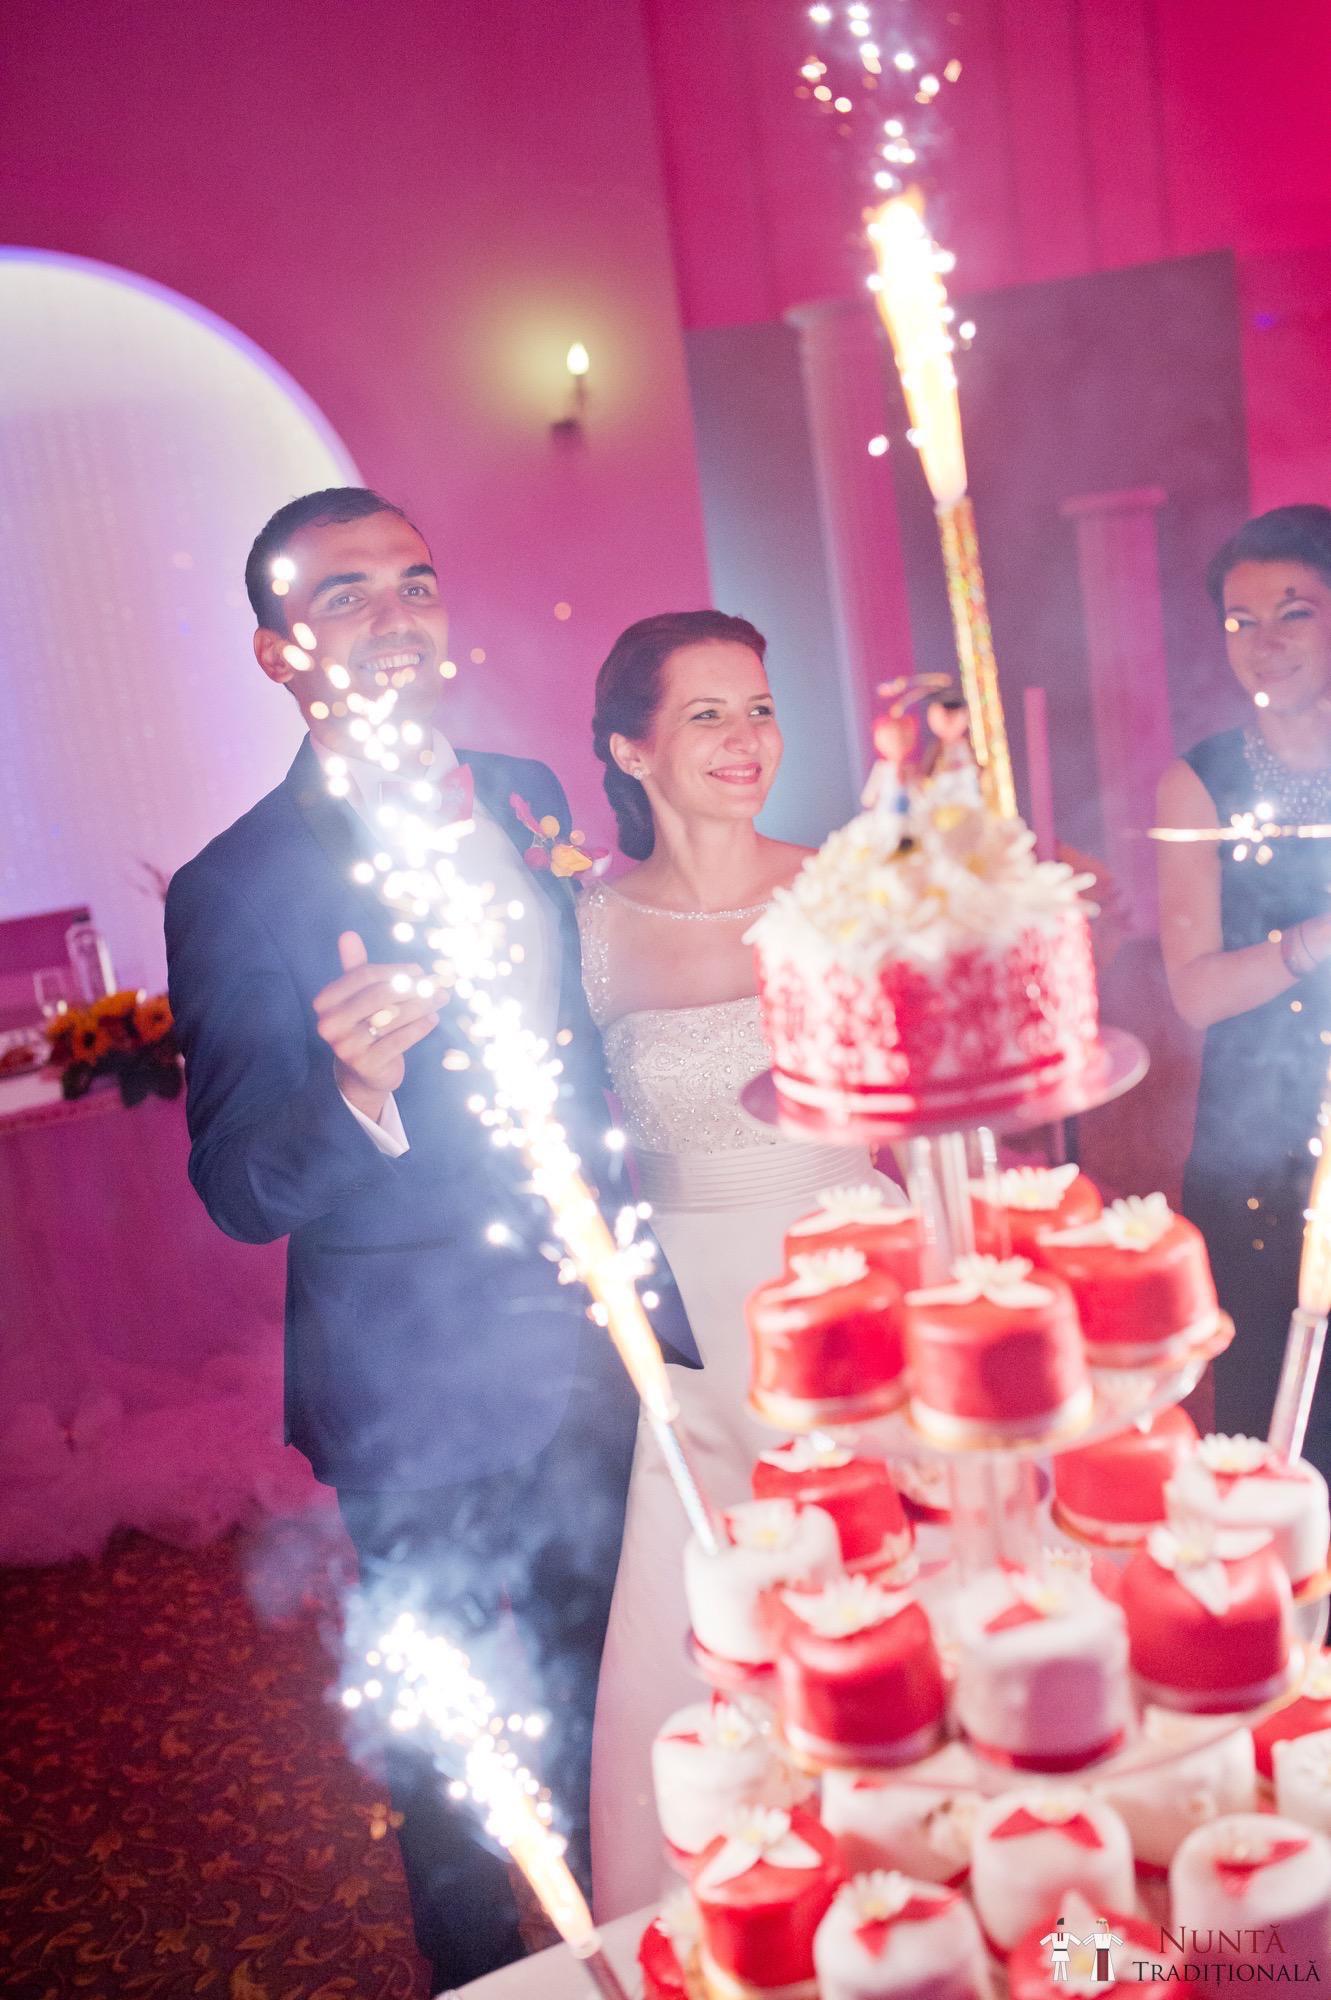 Povești Nunți Tradiționale - Gabriela și Mădălin - Nuntă Tradițională în Suceava, Bucovina 43